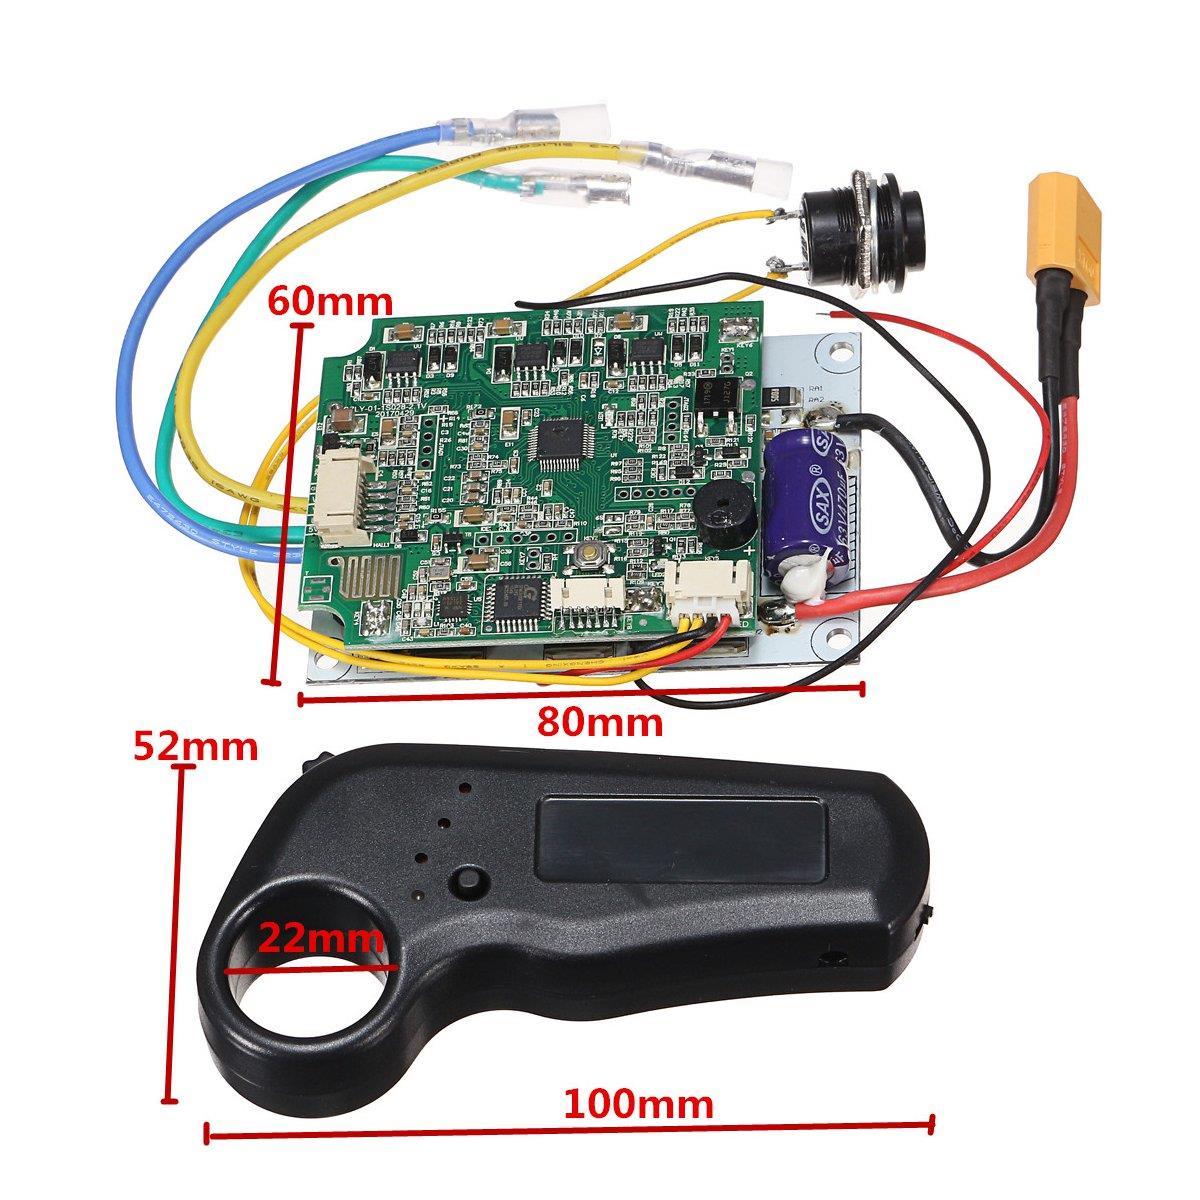 Mini control remoto de un solo motor eléctrico longboard monopatín controlador ESC sustituto de patineta eléctrica Longboard - 4